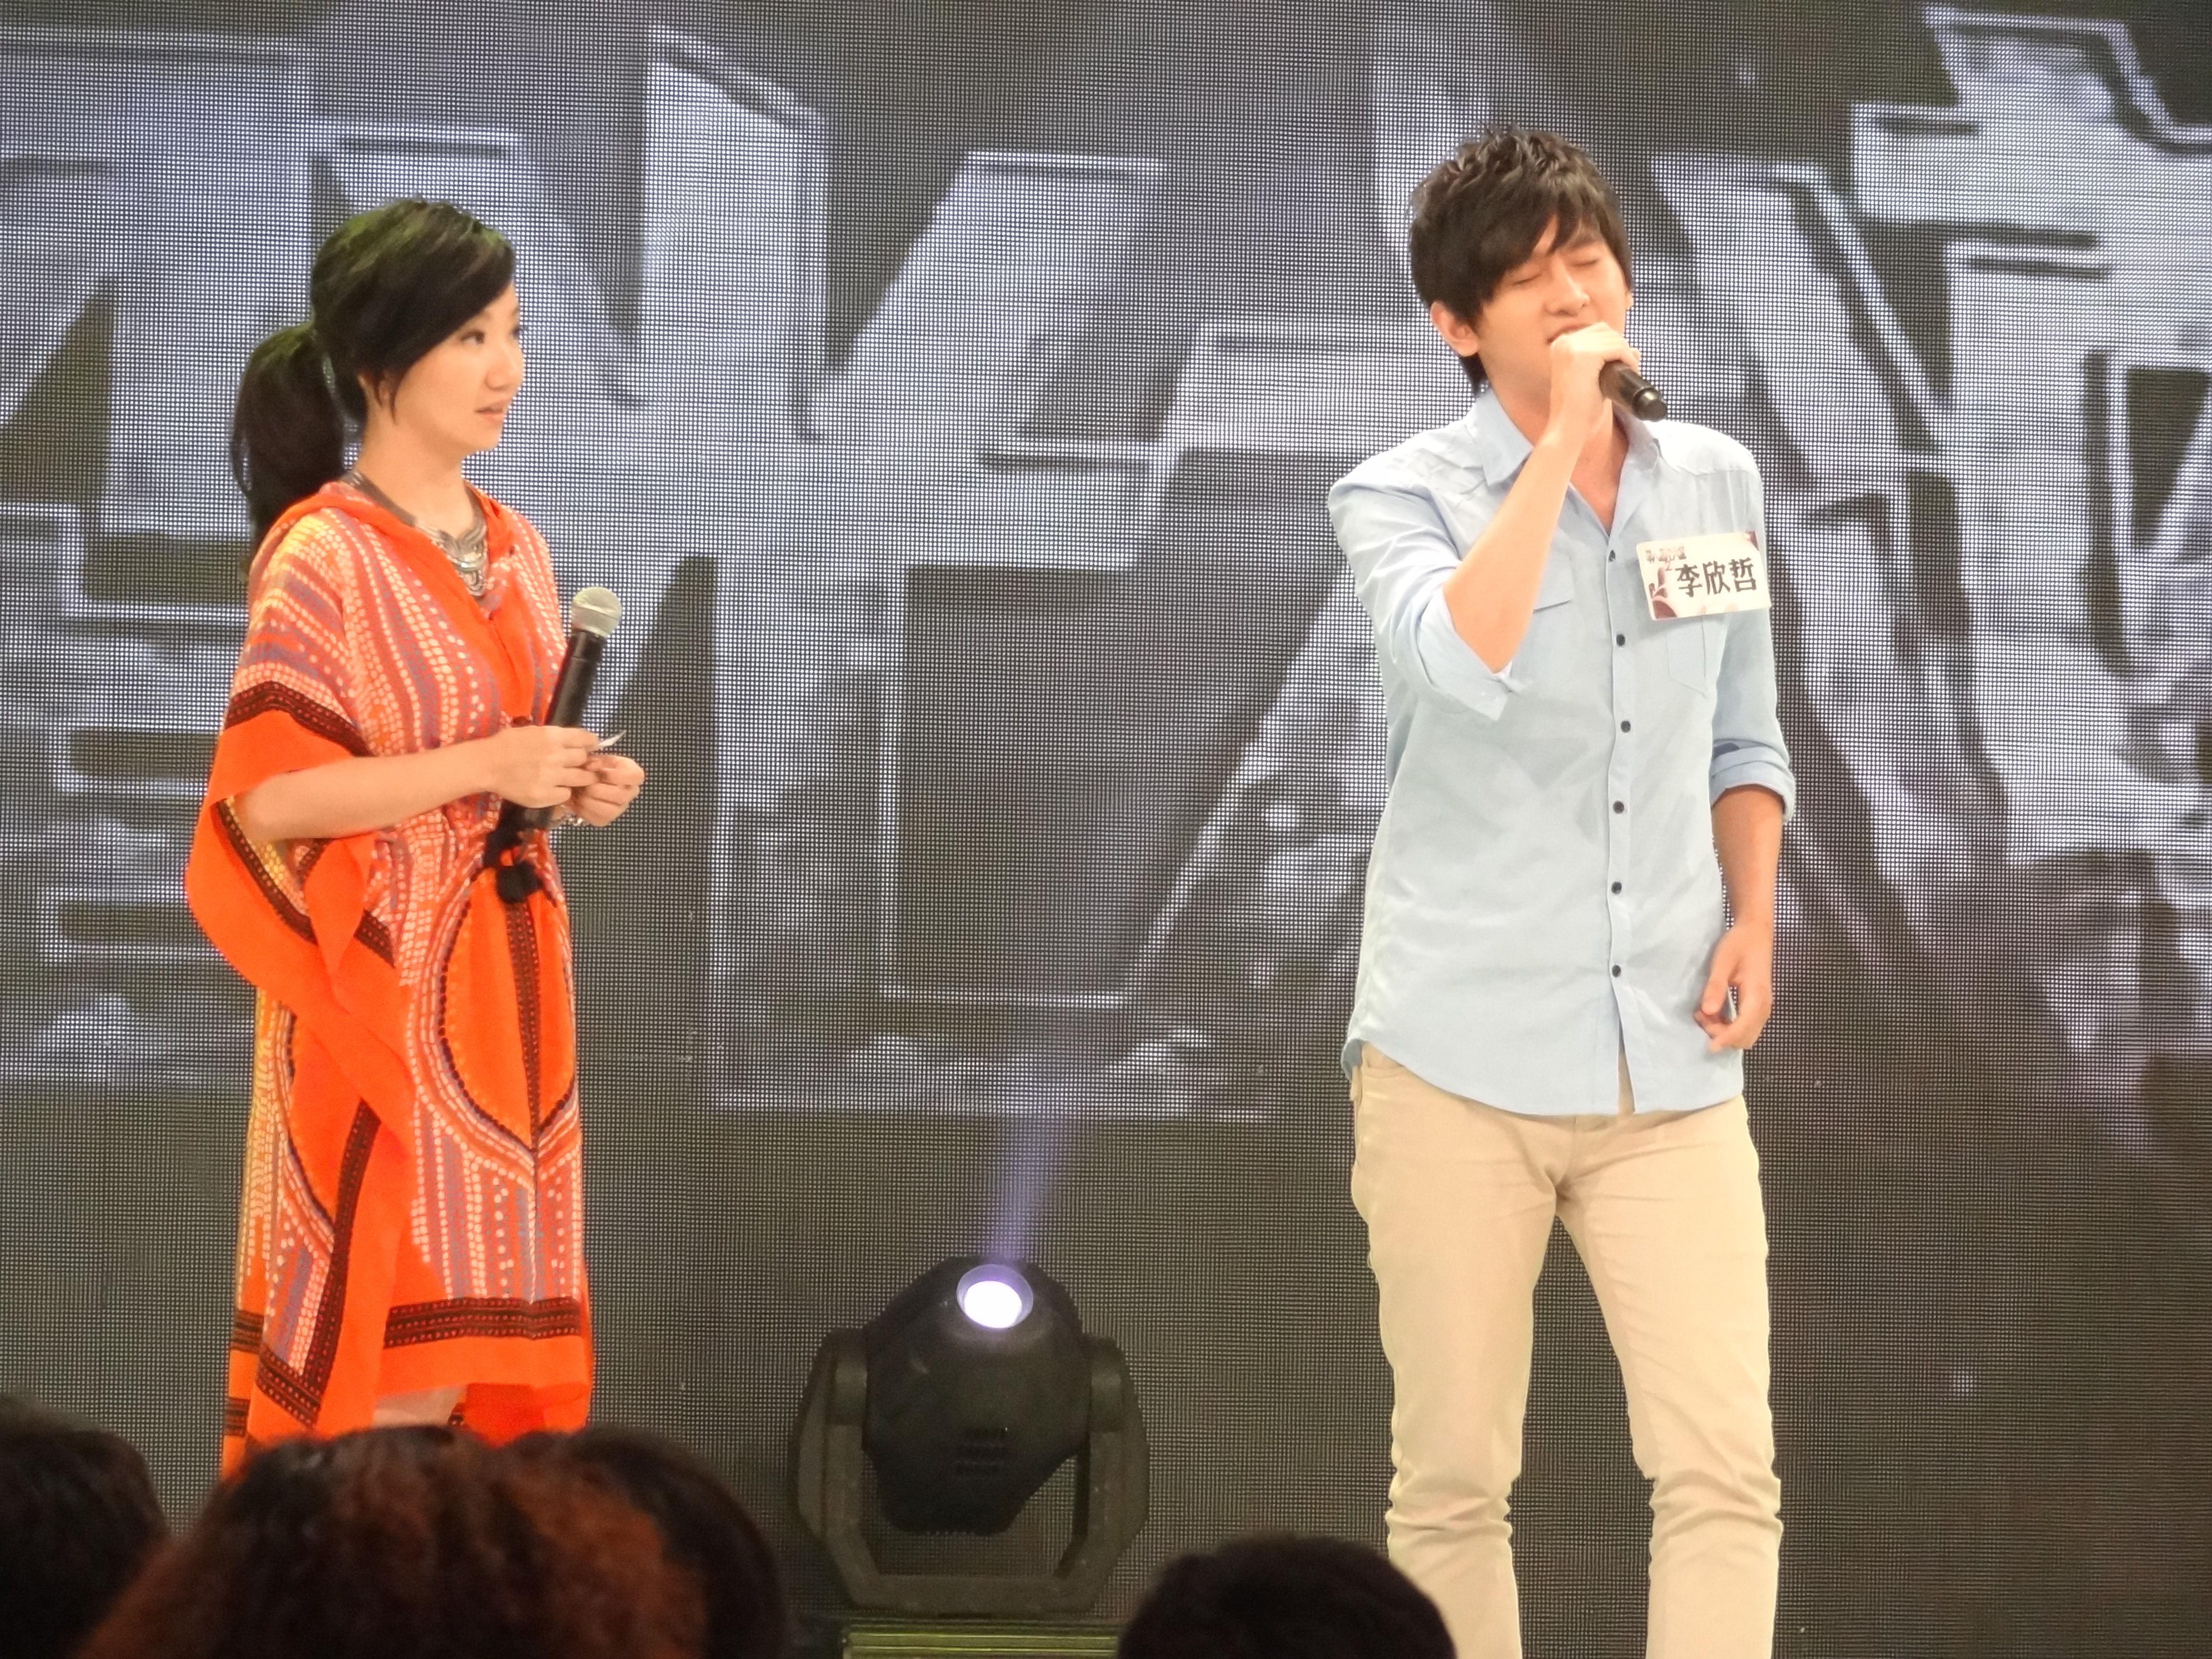 李欣哲即興演唱動漫歌曲評審直說應該拿來參賽